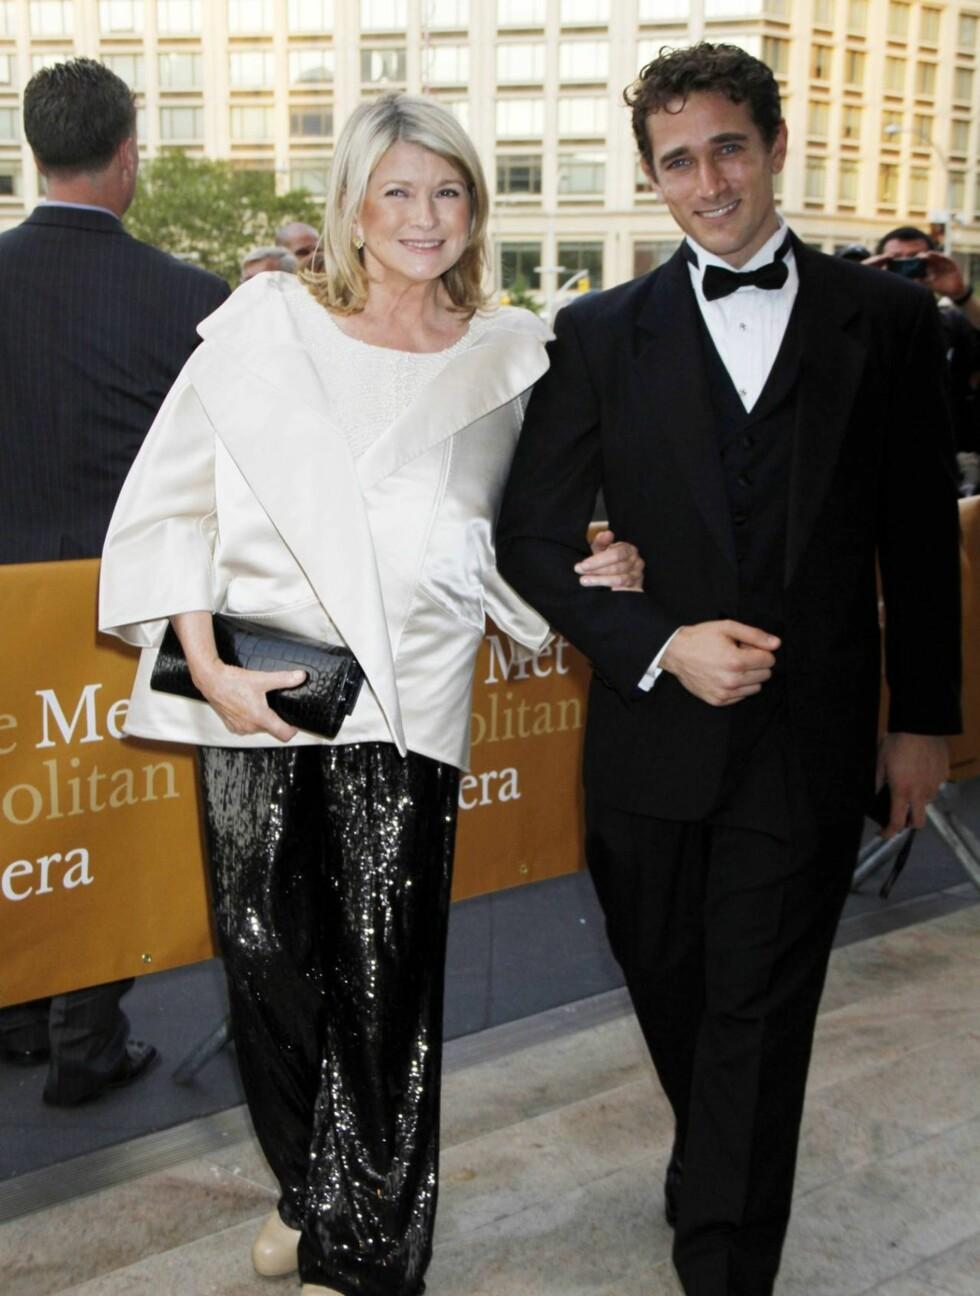 GLITRENDE BUKSER: Martha Stewart ankom gallaen i sorte paljettbukser og hvit jakke sammen med Christopher Herbert.  Foto: All Over Press